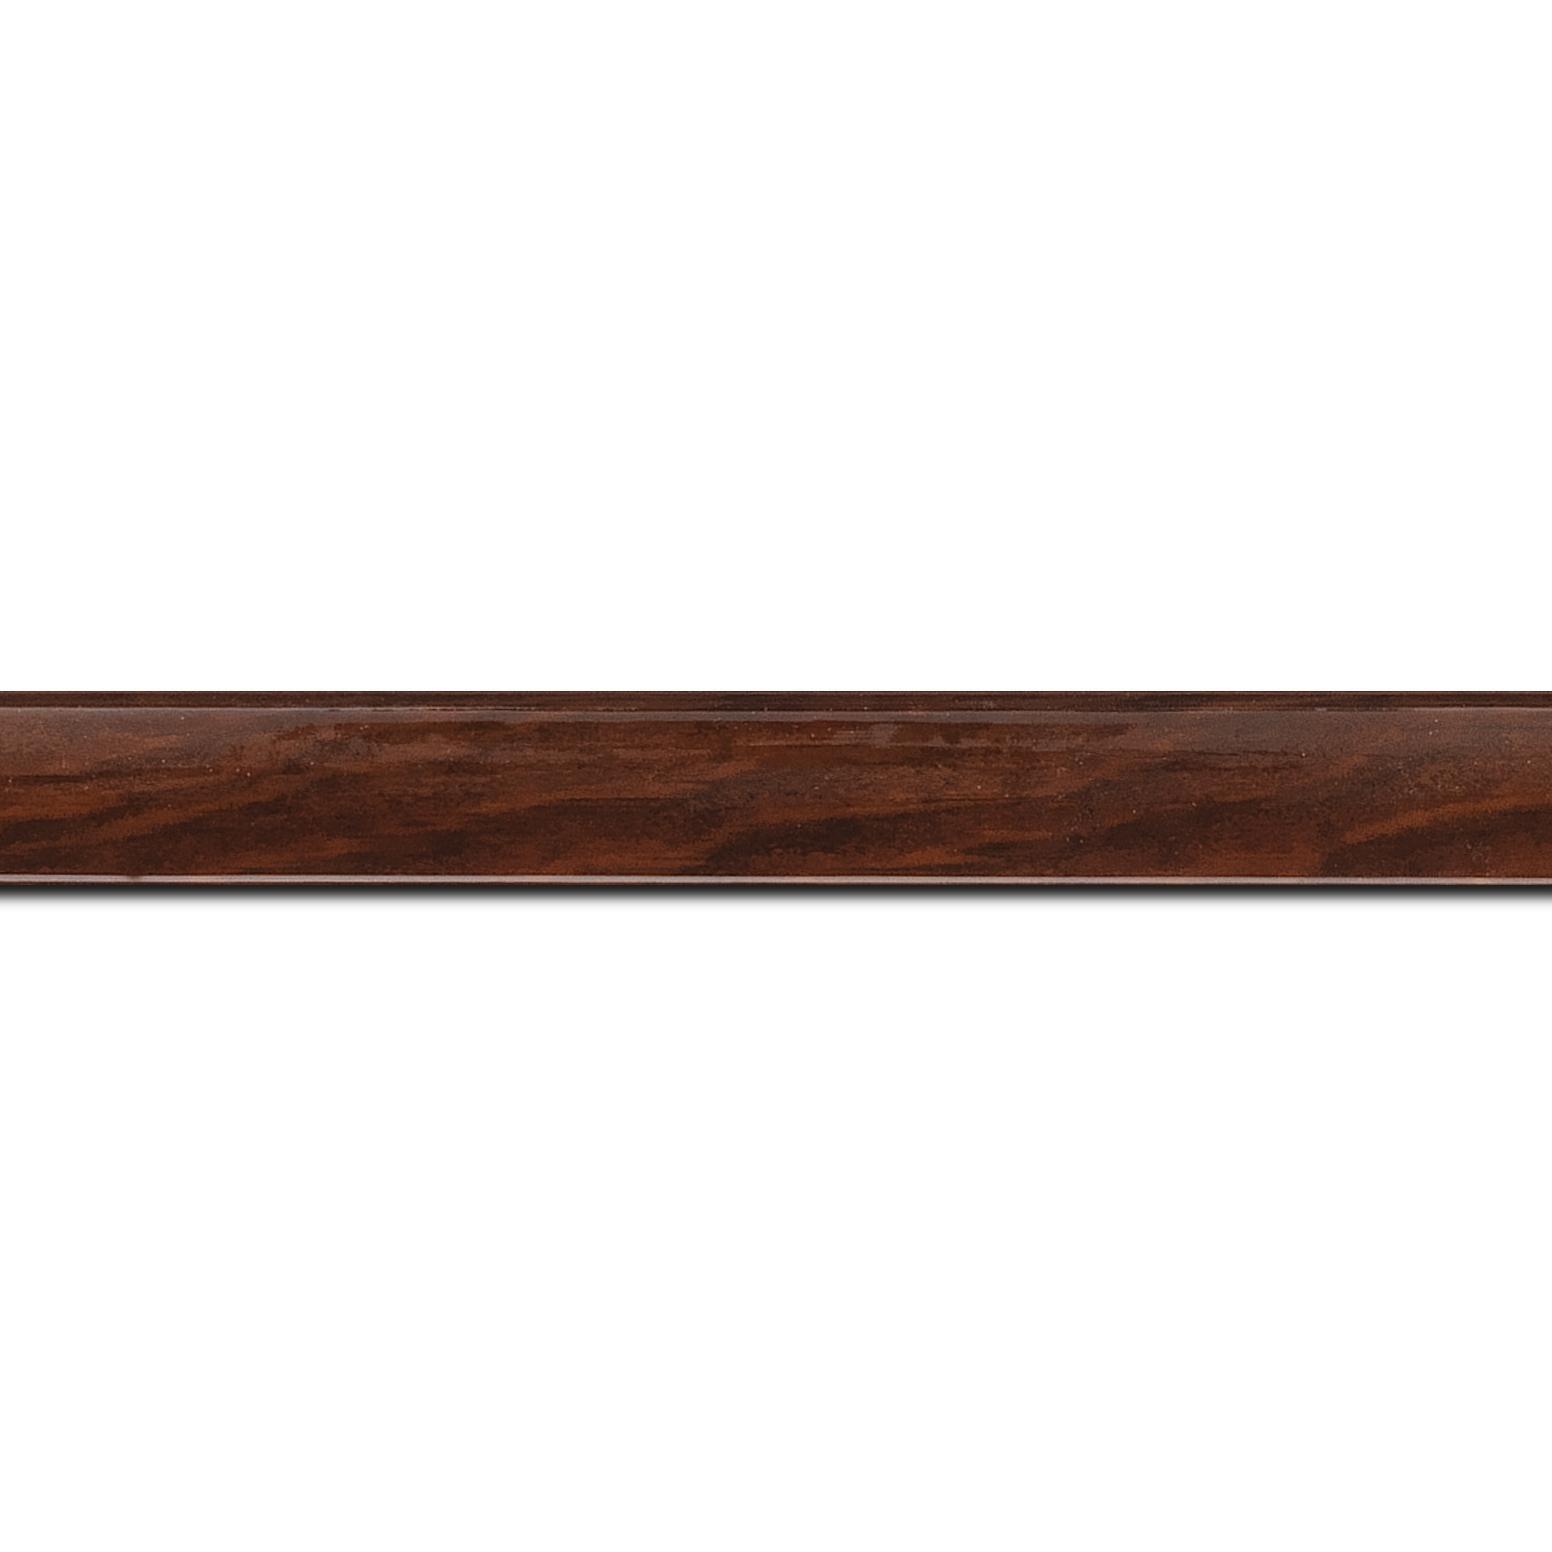 Baguette longueur 1.40m bois profil arrondi plongeant largeur 2cm couleur marron vernis sur pin (veine du bois apparent)